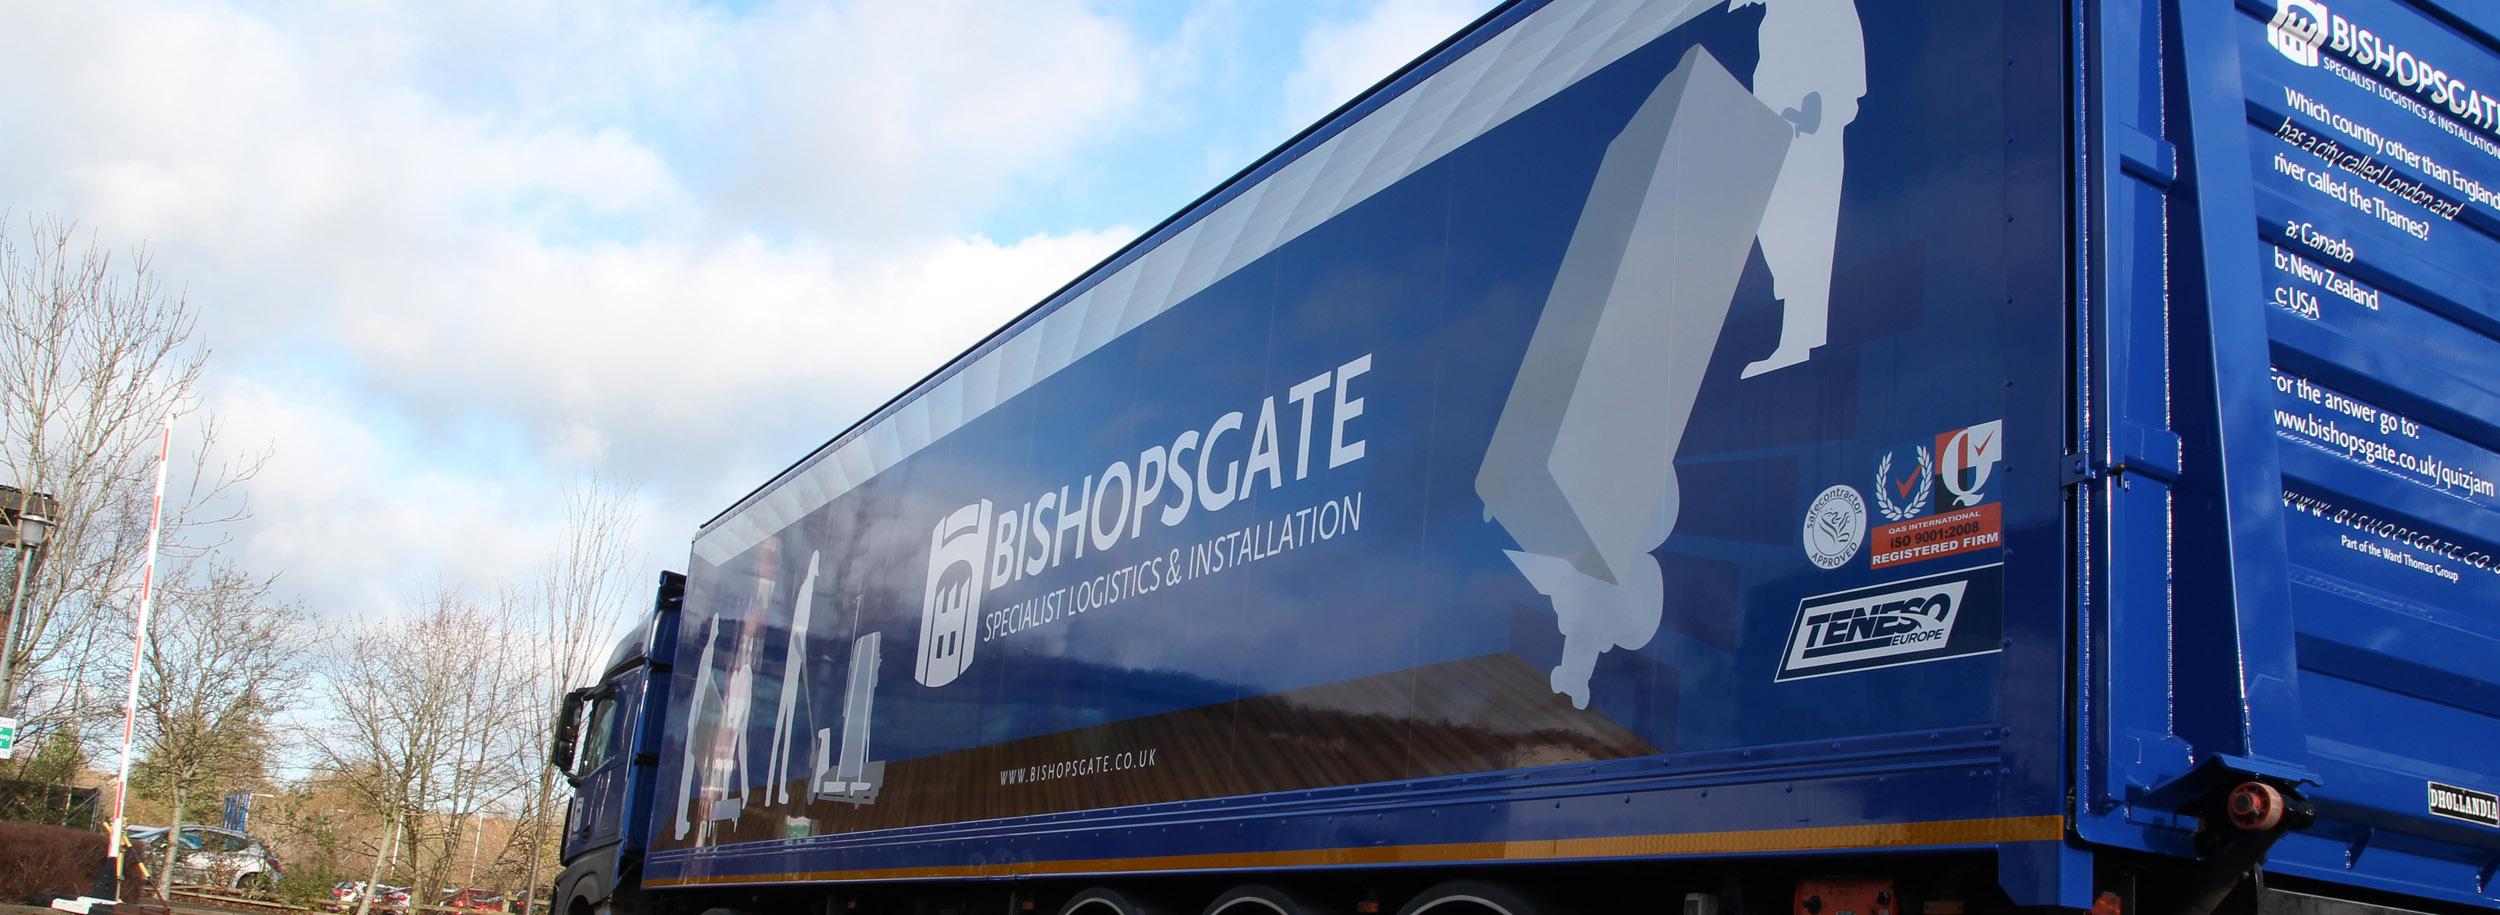 Bishopsgate-Truck-Graphics